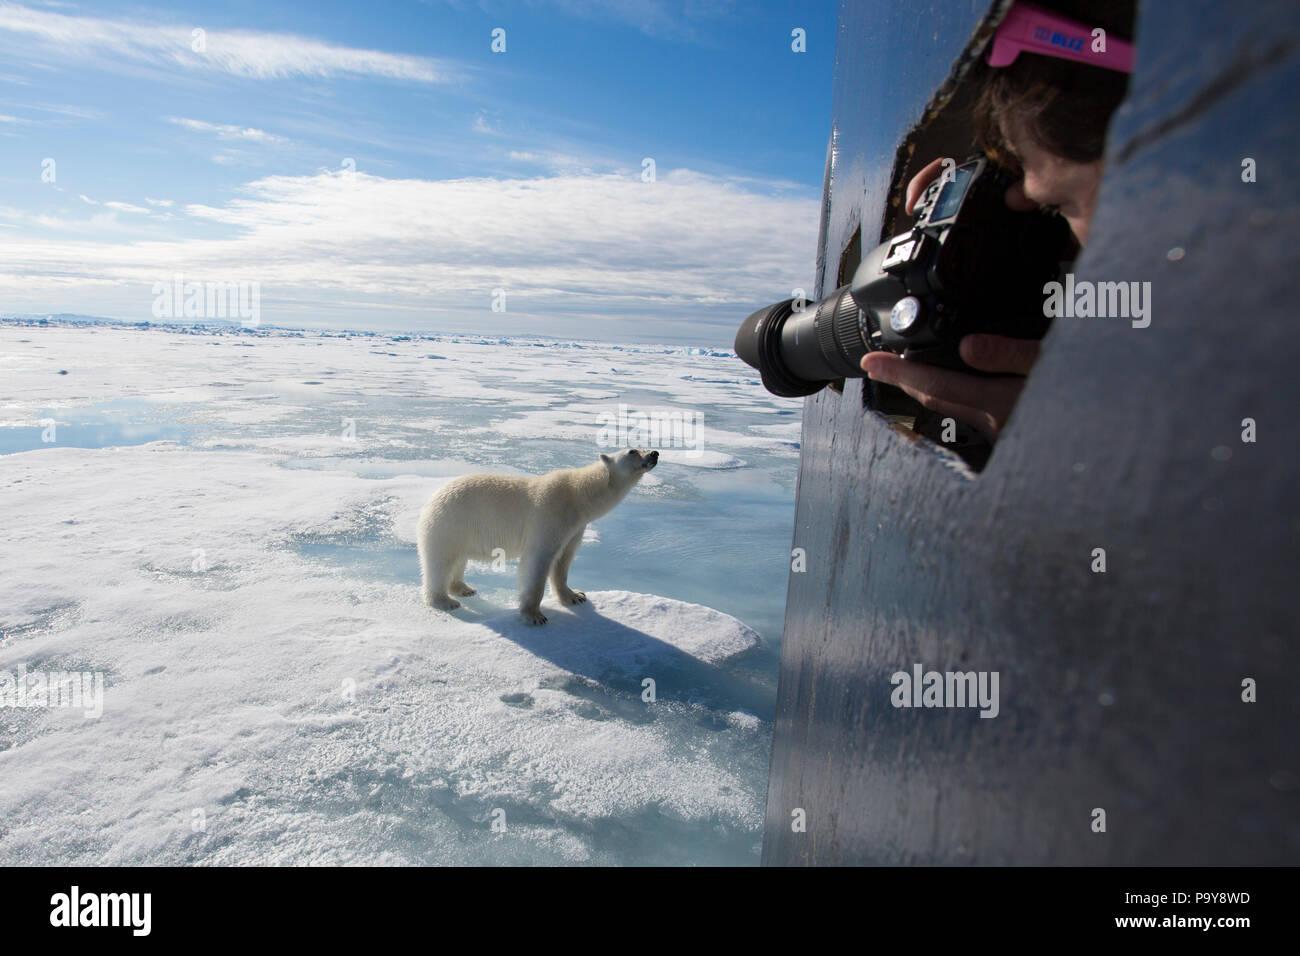 Un orso polare si avvicina ad una nave turistica nell'Oceano Artico, fotografata da una donna a distanza ravvicinata. Immagini Stock